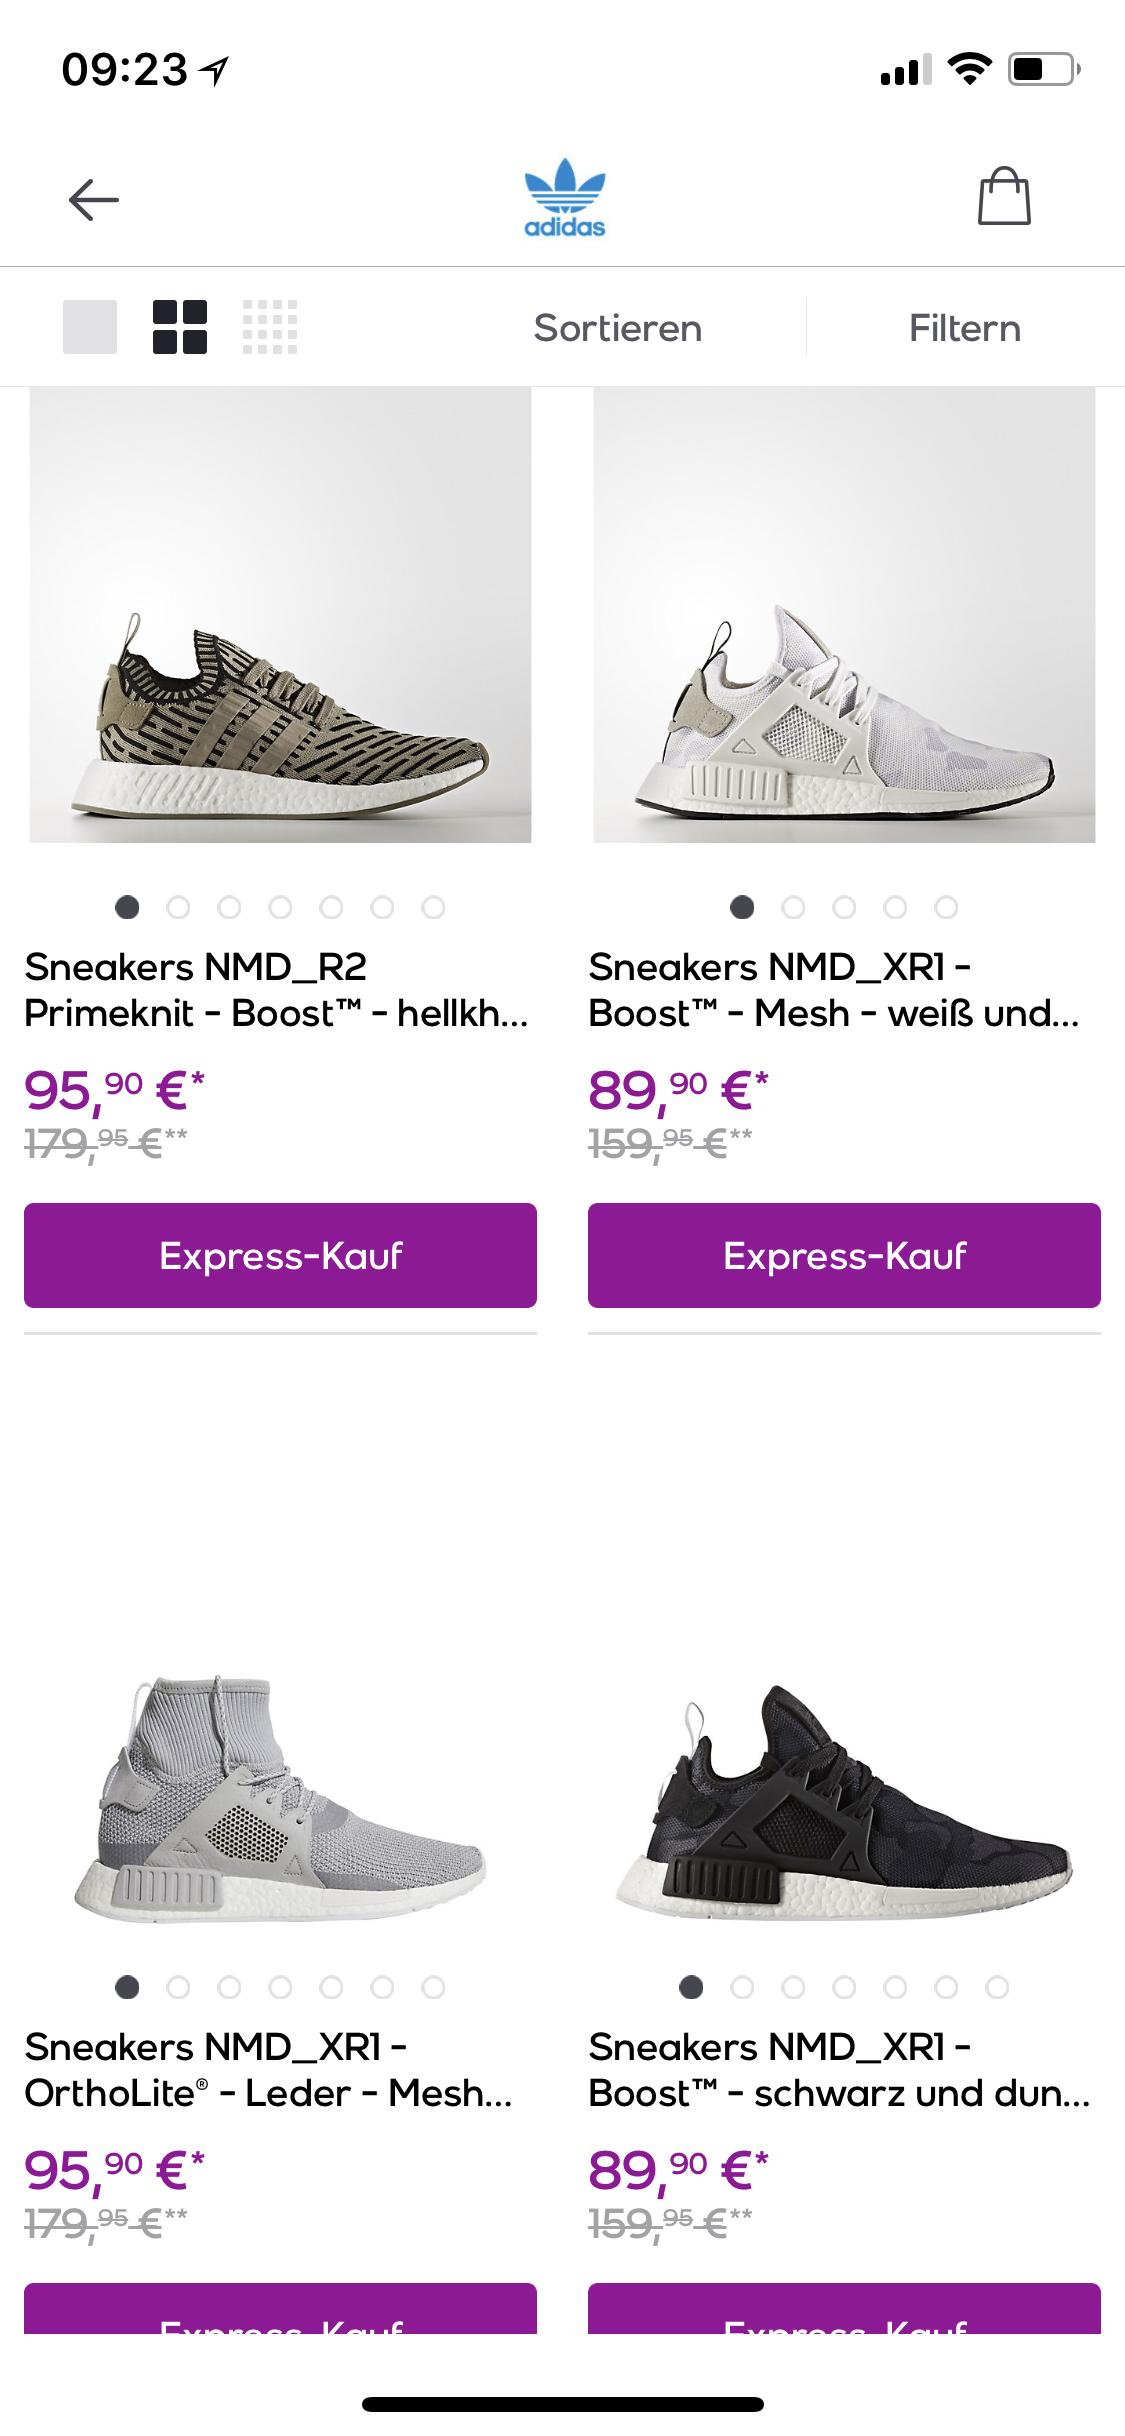 adidas Originals Sale bei VP - Adidas NMD ab 86,50€ und andere Modelle